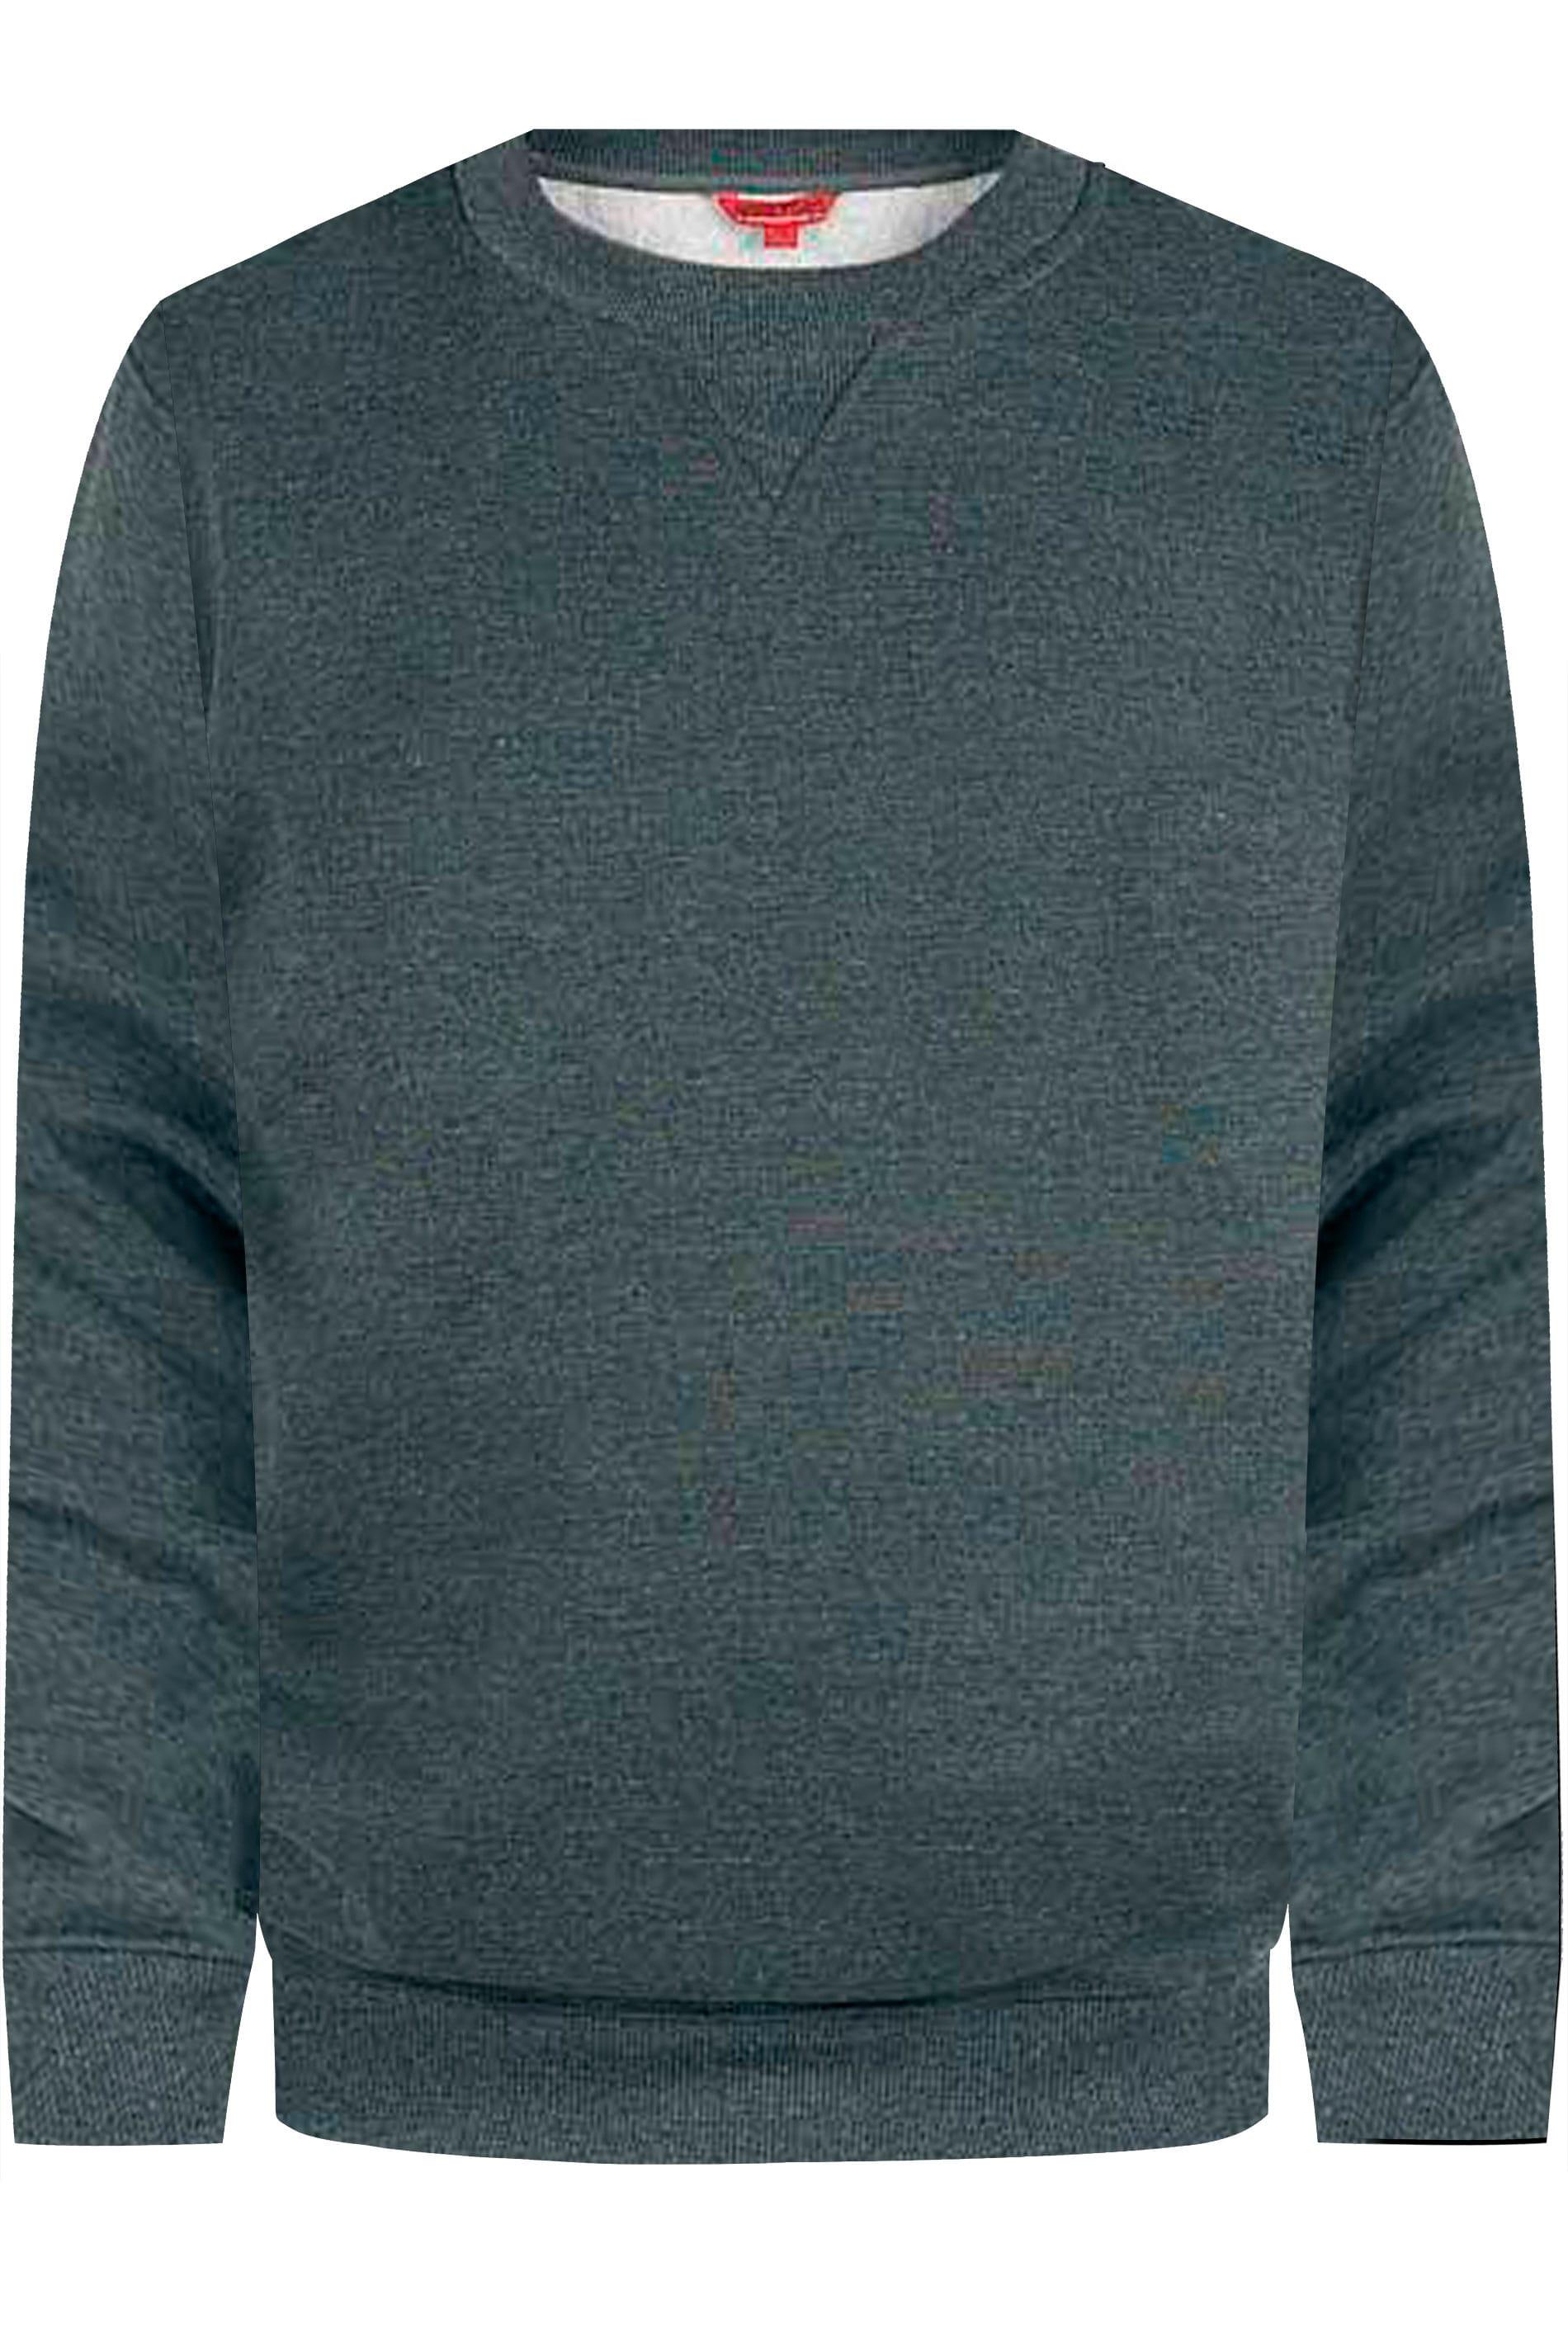 D555 Rockford Grey Sweatshirt